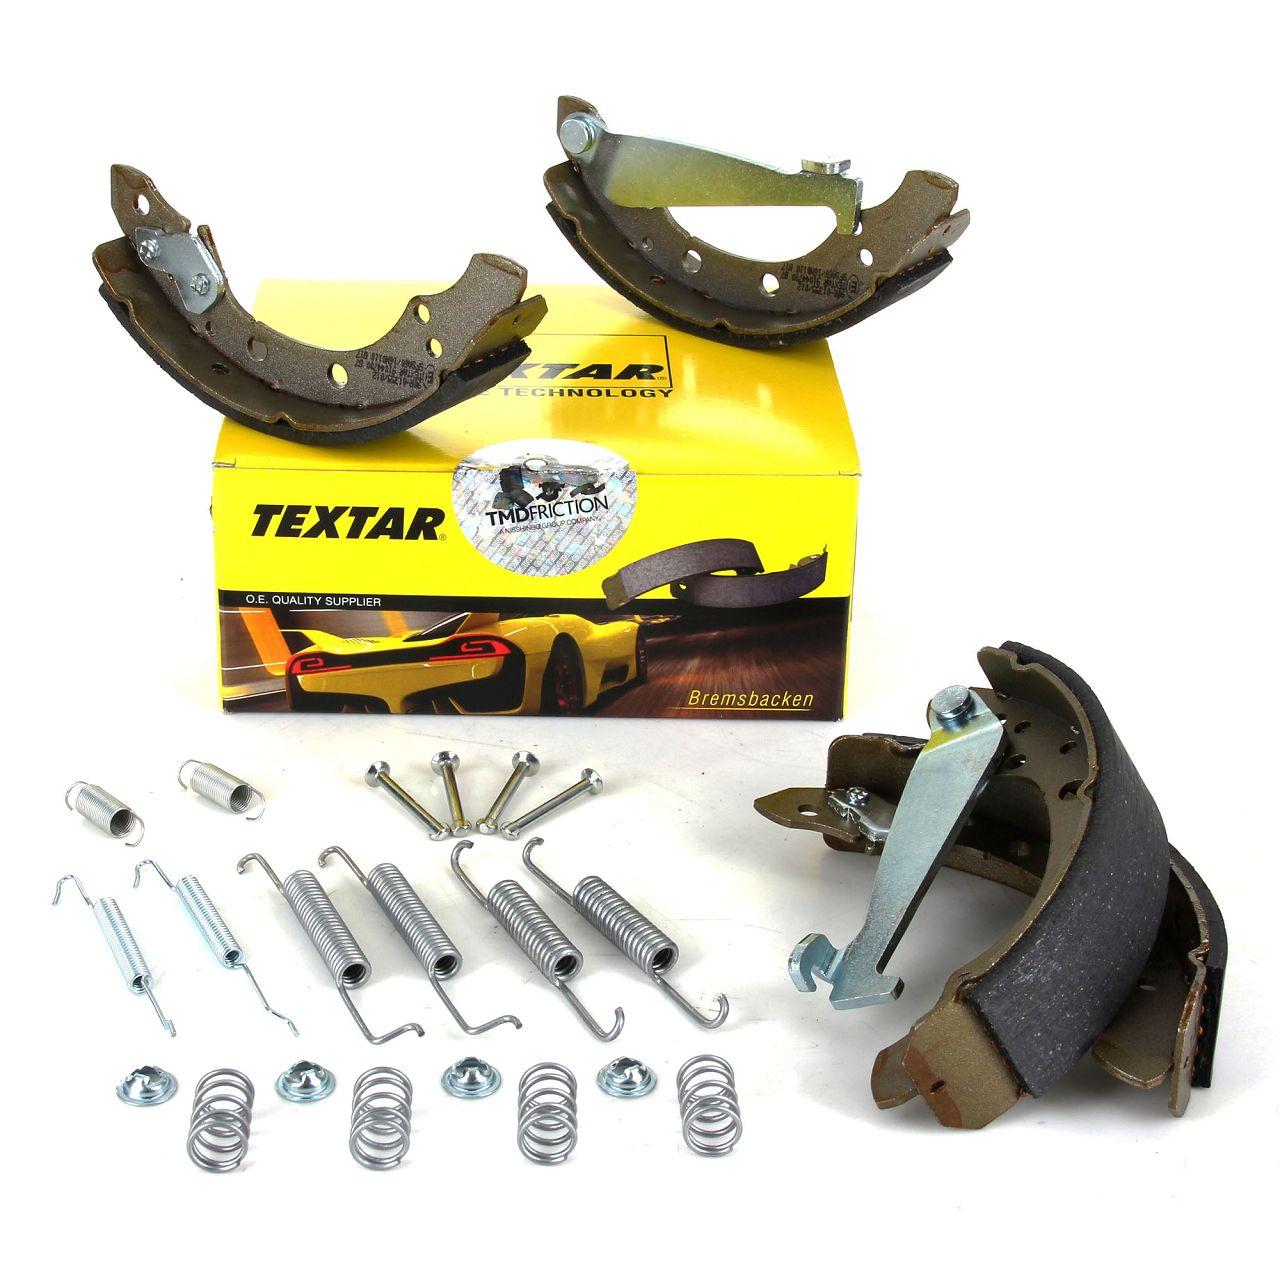 TEXTAR 91044700 Bremsbacken + Federn Satz VW Golf 3 Passat B3 B4 Polo 6N Vento mit ABS